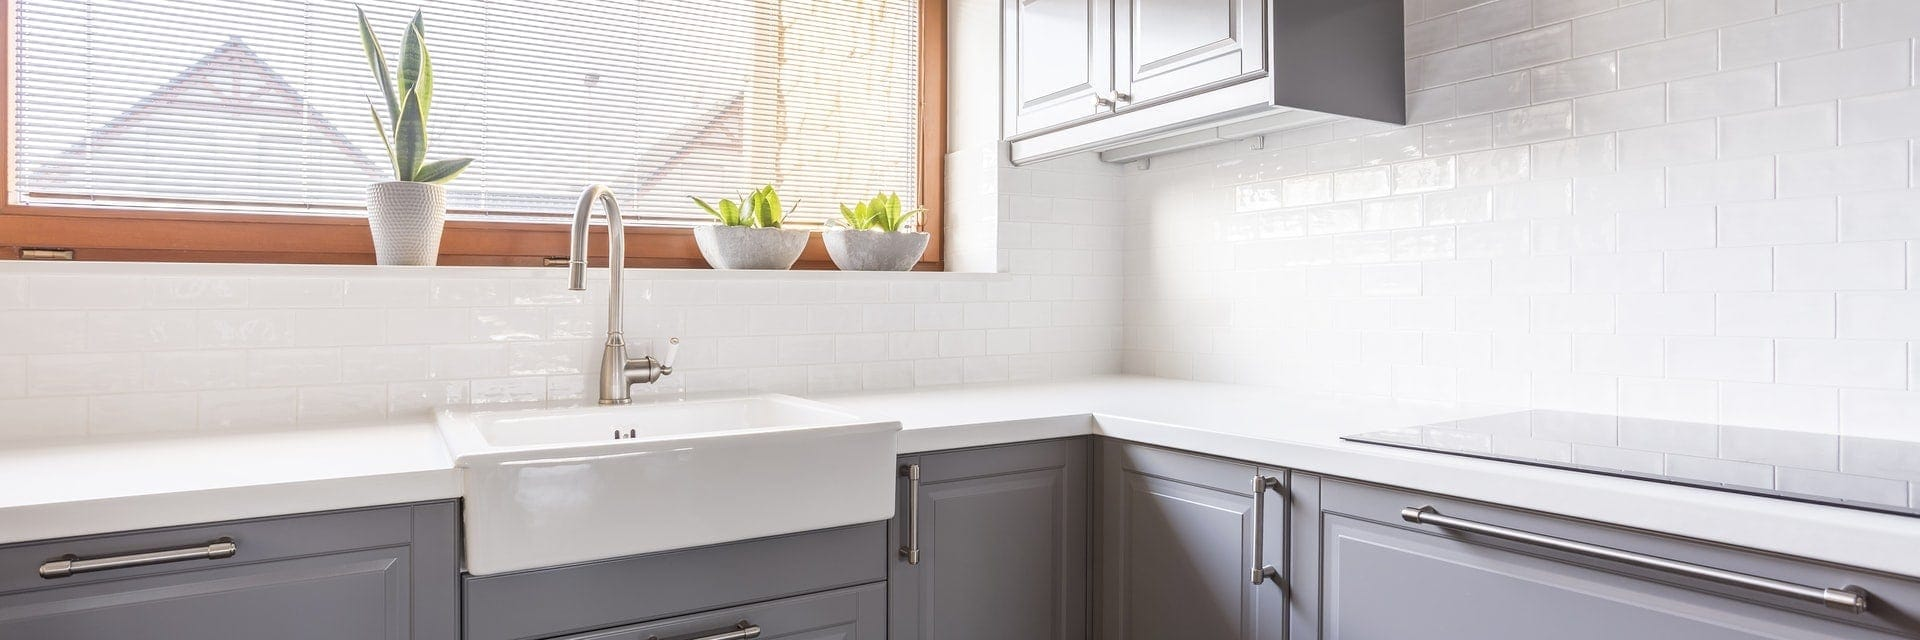 Szara kuchnia i biały blat z konglomeratu - proste i eleganckie połączenie